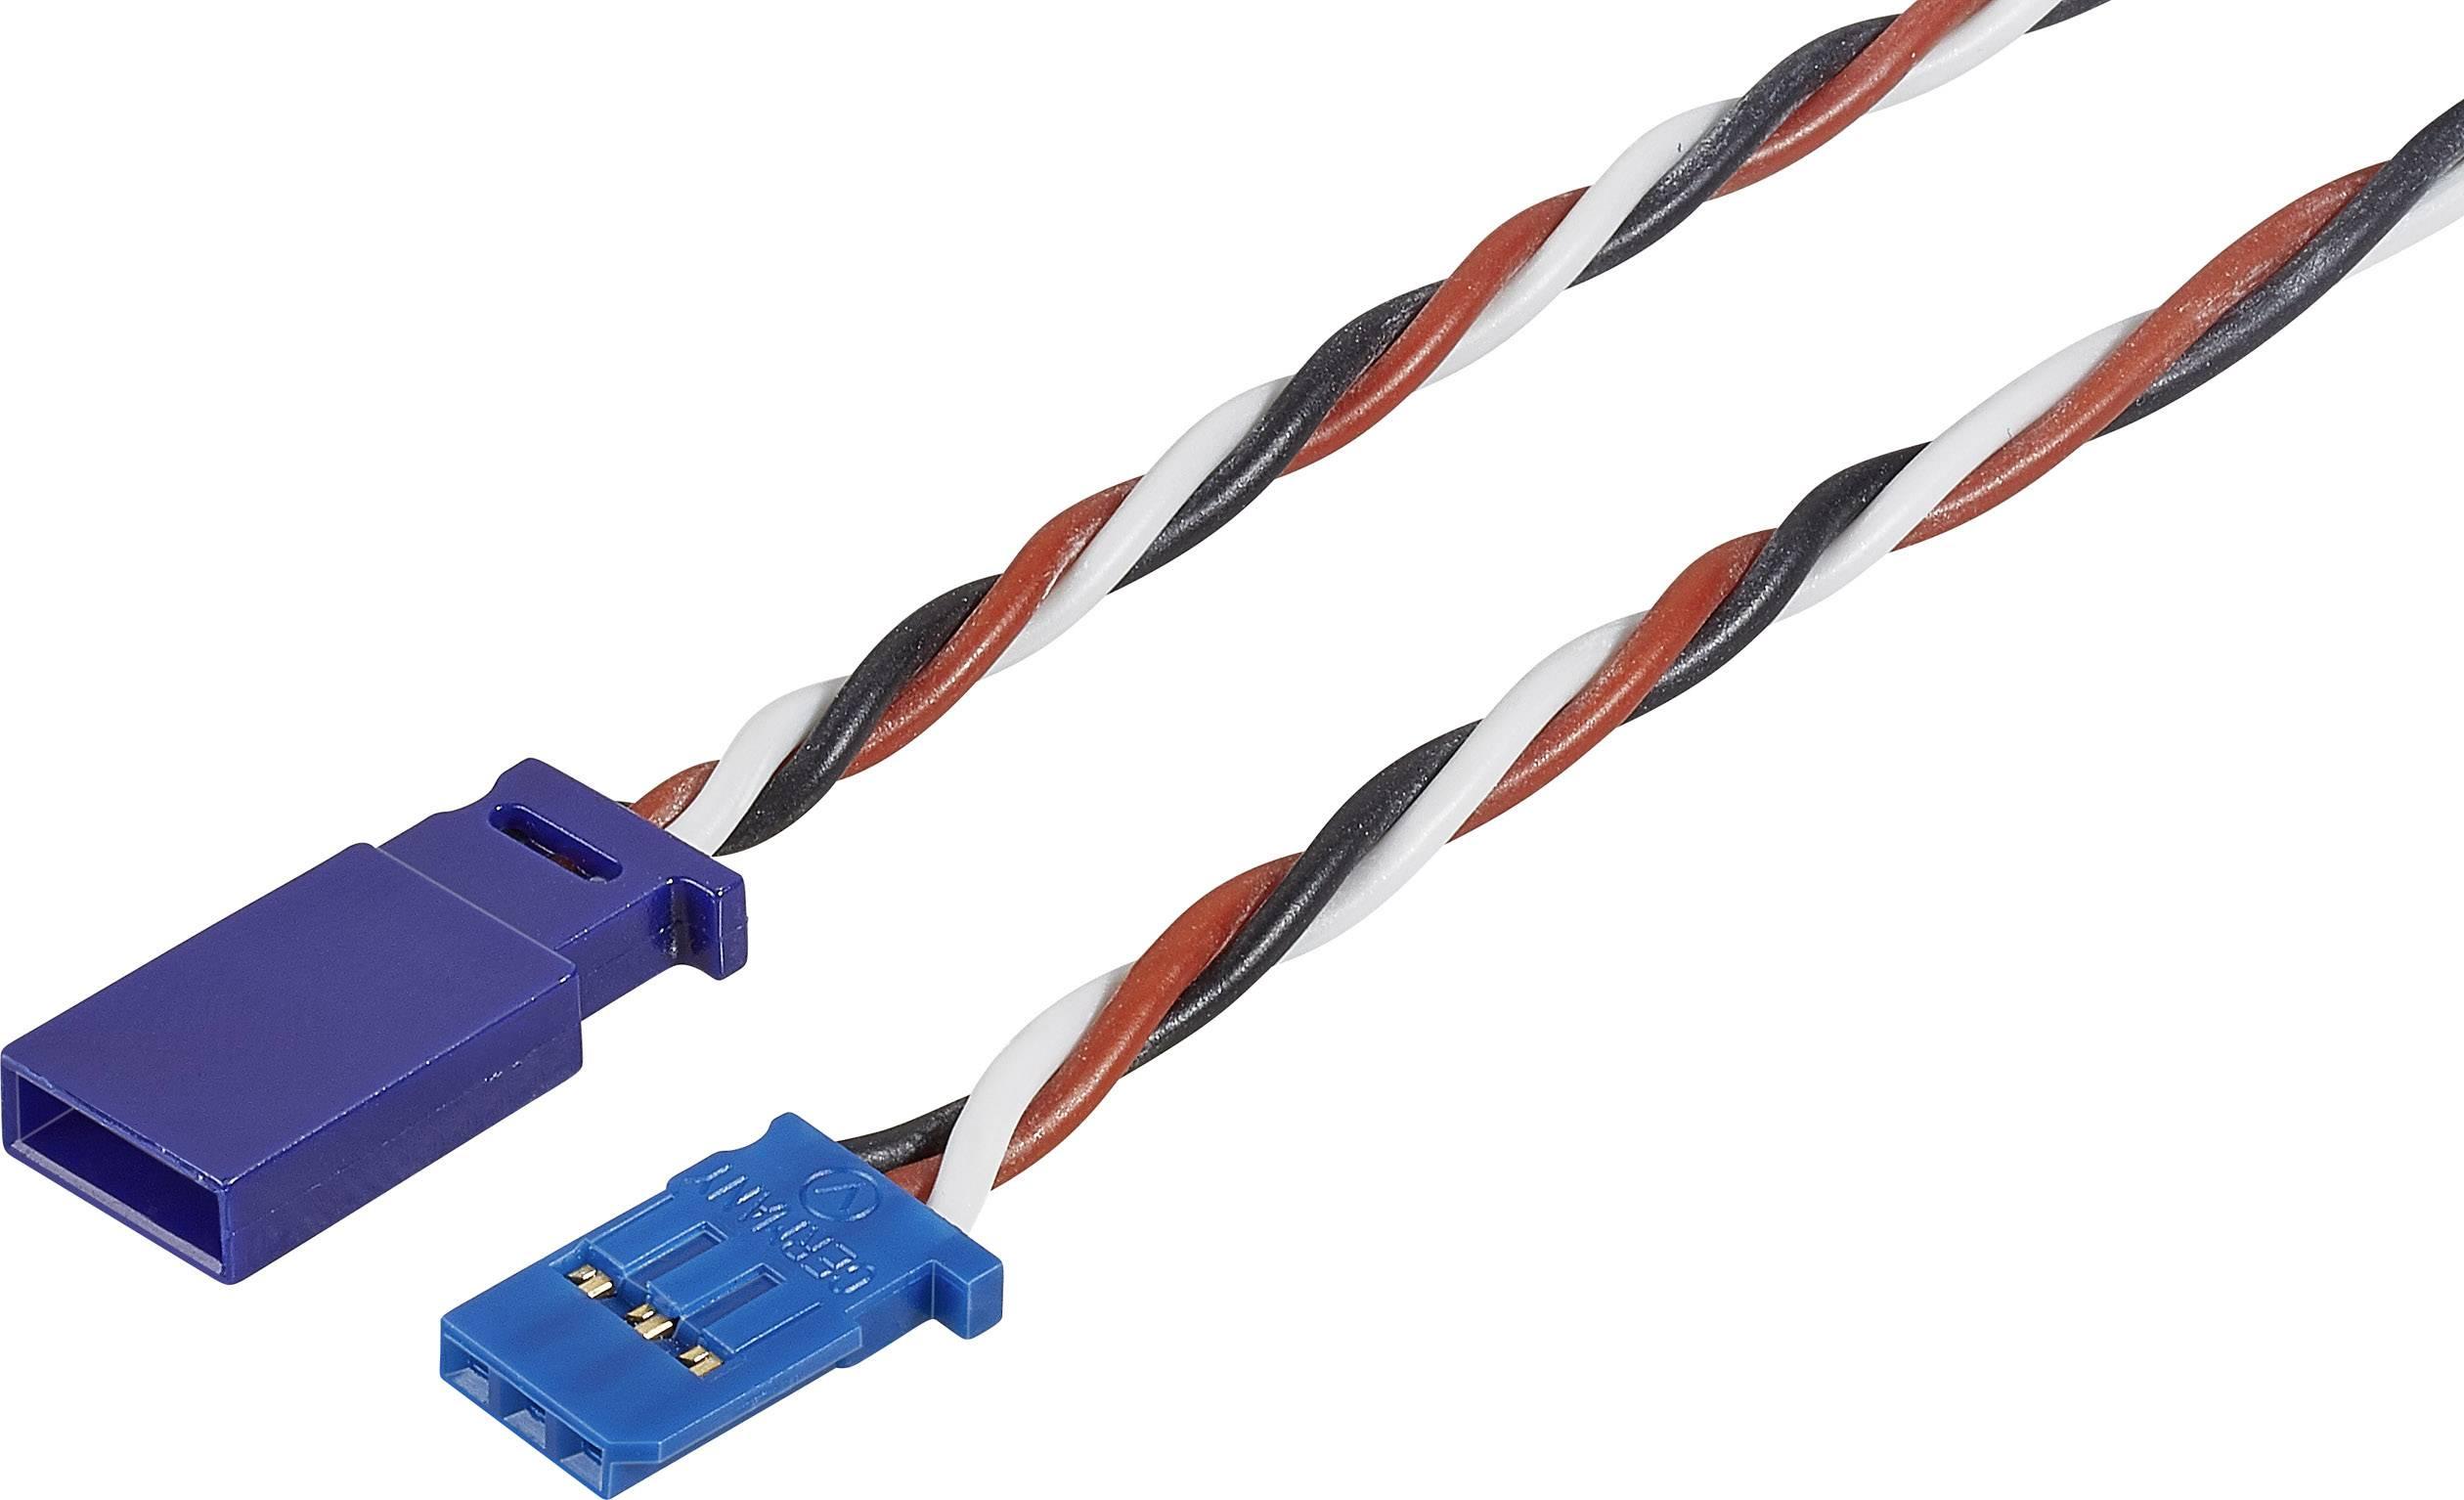 Prodlužovací kabel Modelcraft, konektor Futaba, 100 cm, 0,5 mm²